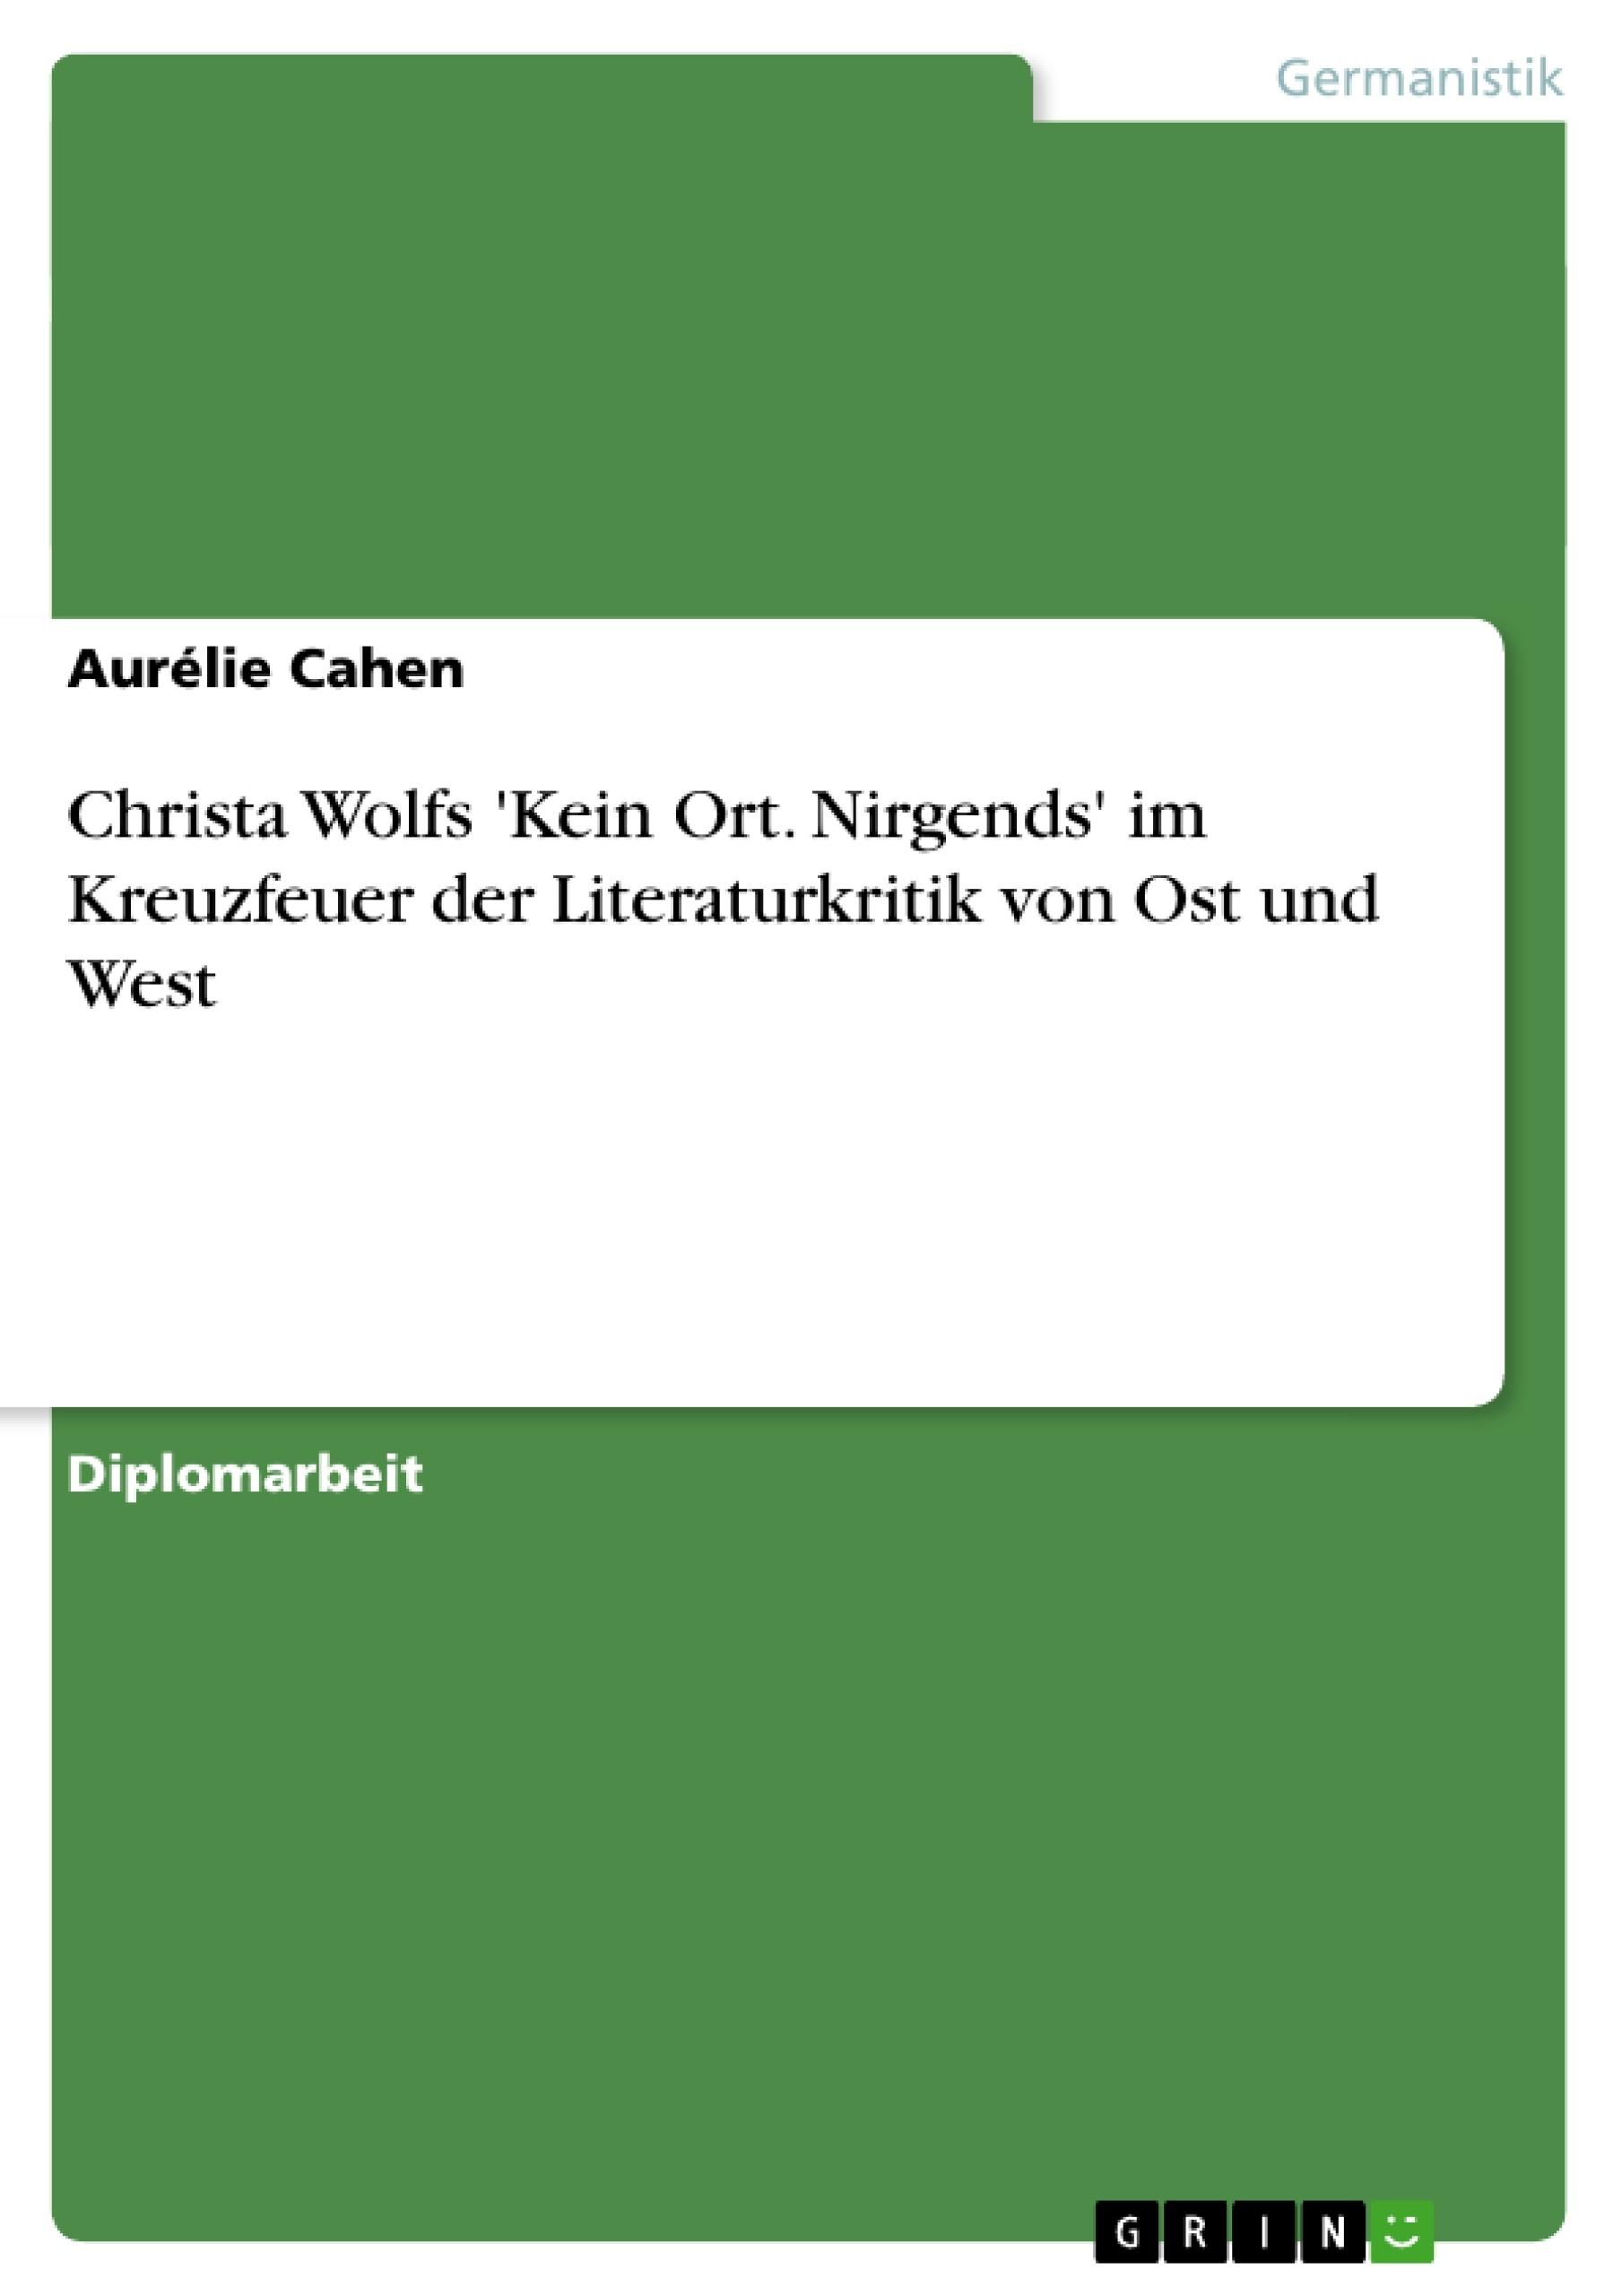 Titel: Christa Wolfs 'Kein Ort. Nirgends'  im Kreuzfeuer der Literaturkritik von Ost und West